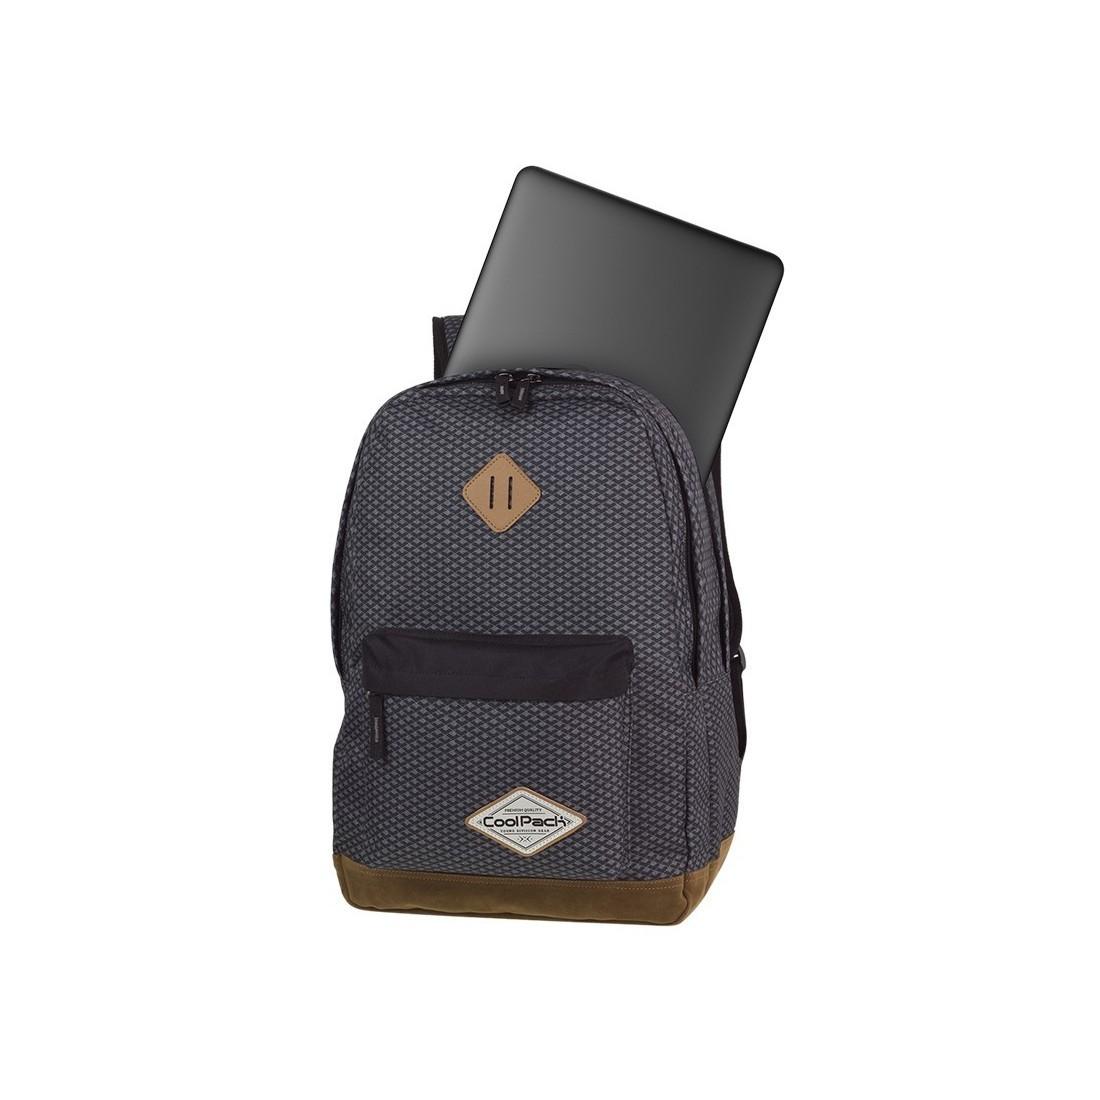 Plecak młodzieżowy CoolPack CP SCOUT DARK GREY NET ciemna szarość kieszeń na laptop - A122